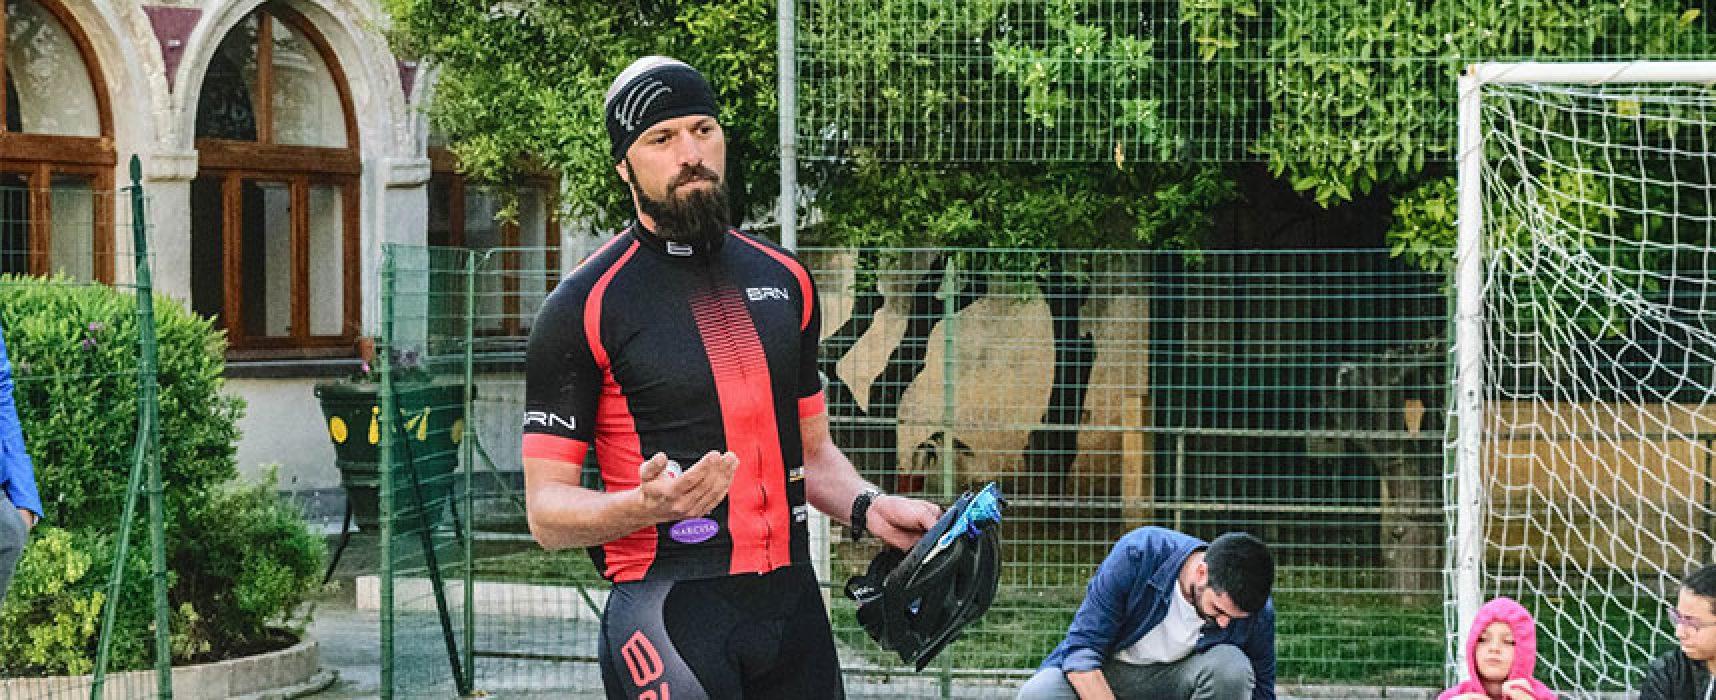 Il triatleta biscegliese Cangellario pronto per San Benedetto del Tronto  / VIDEO